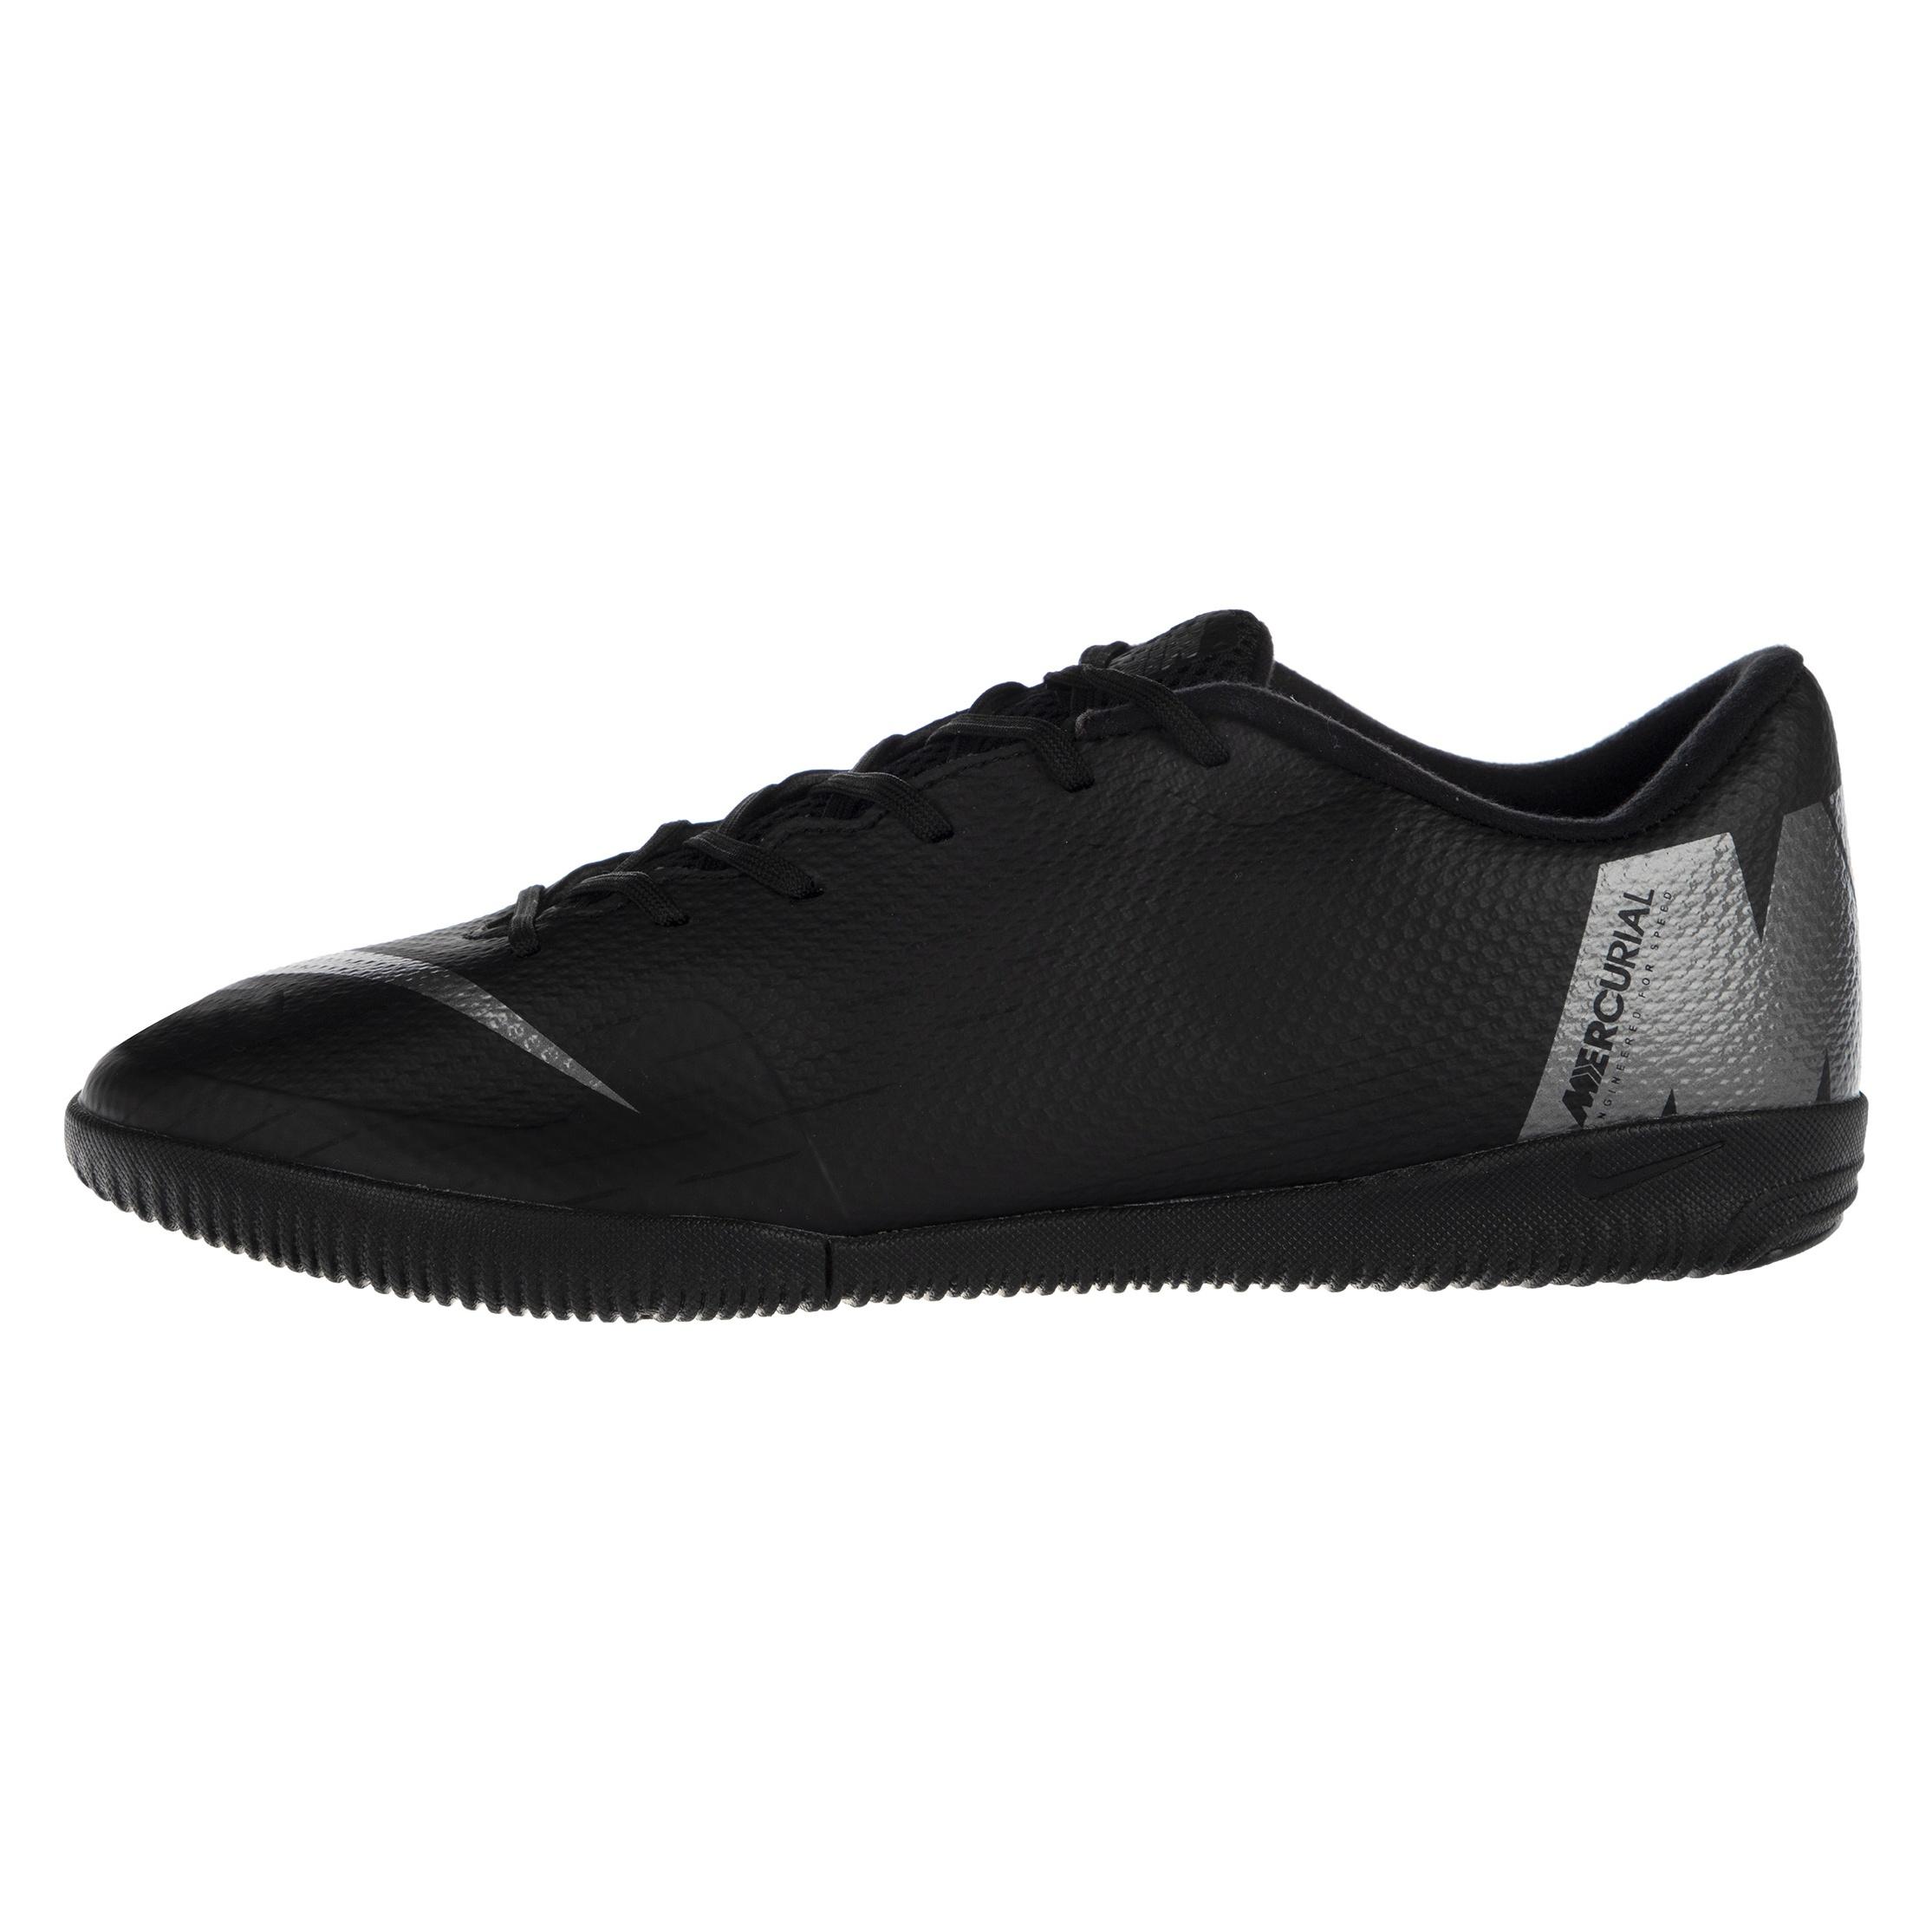 قیمت خرید کفش فوتسال مردانه مدل Mercurial ICB اورجینال